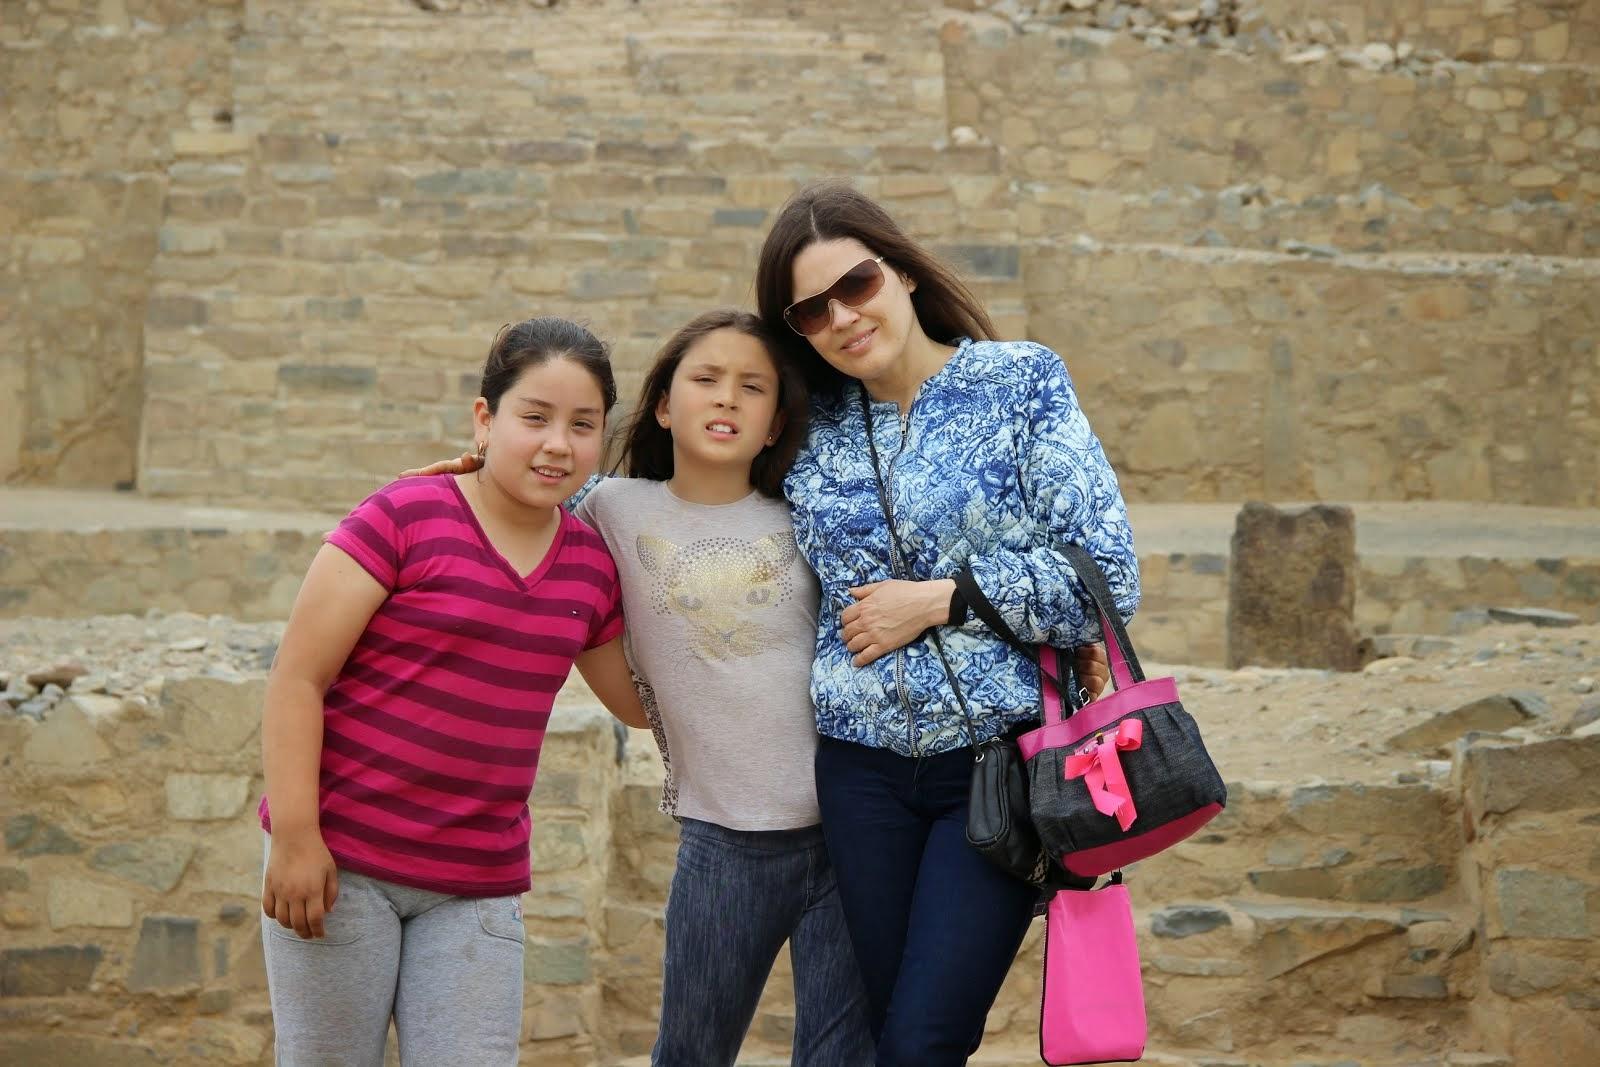 25-26-27-10-2014-Recorriendo Caral con Emy&Fito.33.p.Arantza,&Ana Lucia